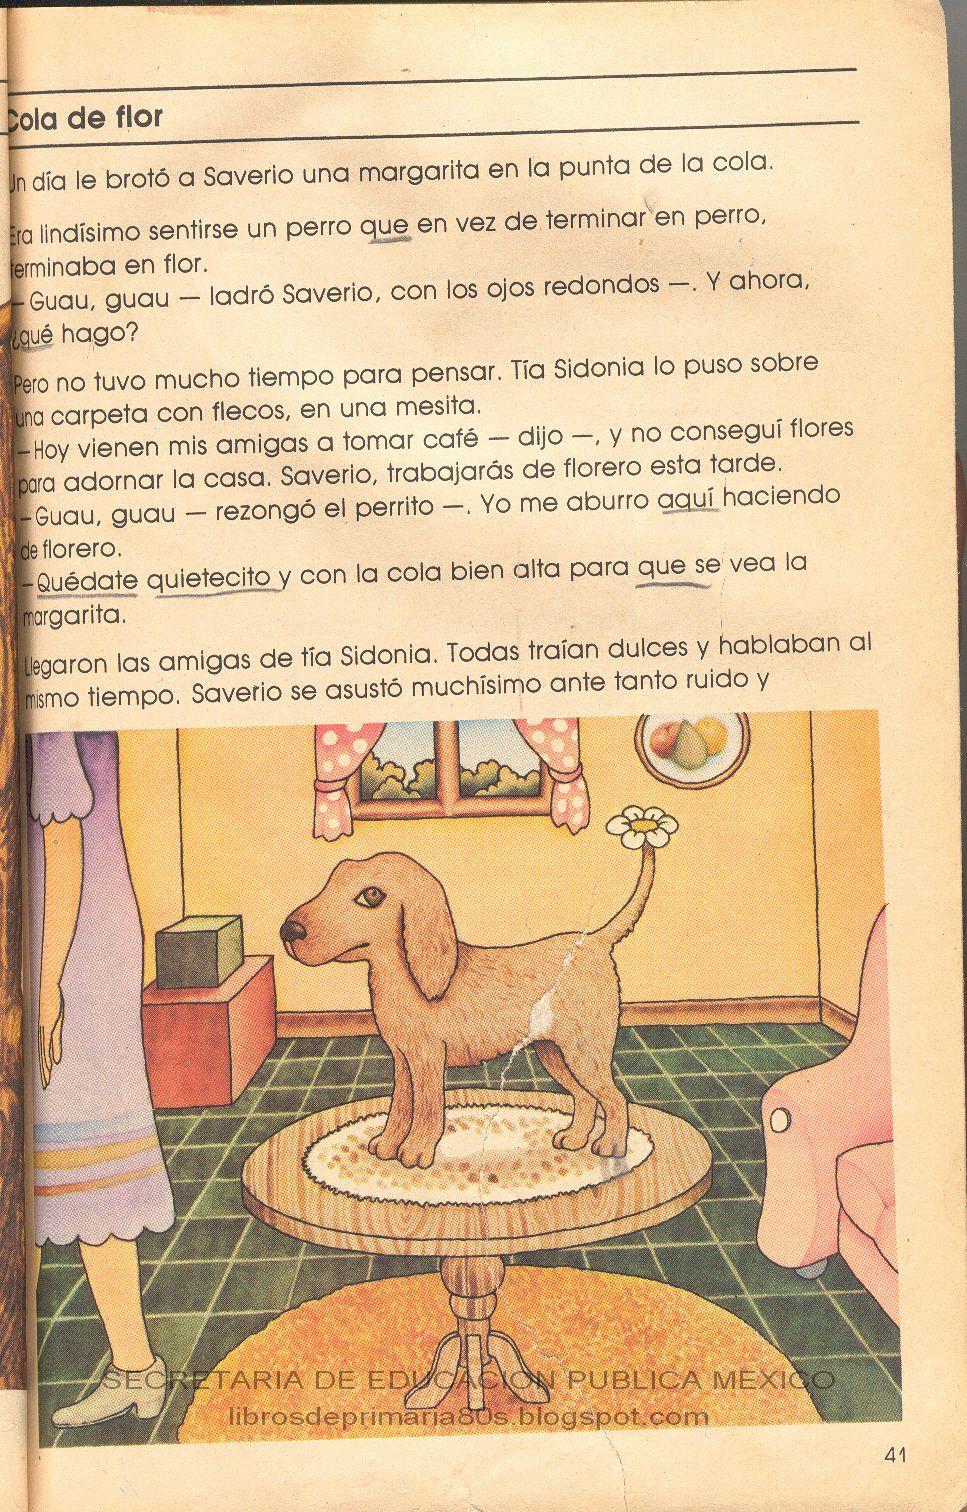 Vieja de 41 anos de colombia muestra su abierto conjo rojo - 2 part 3